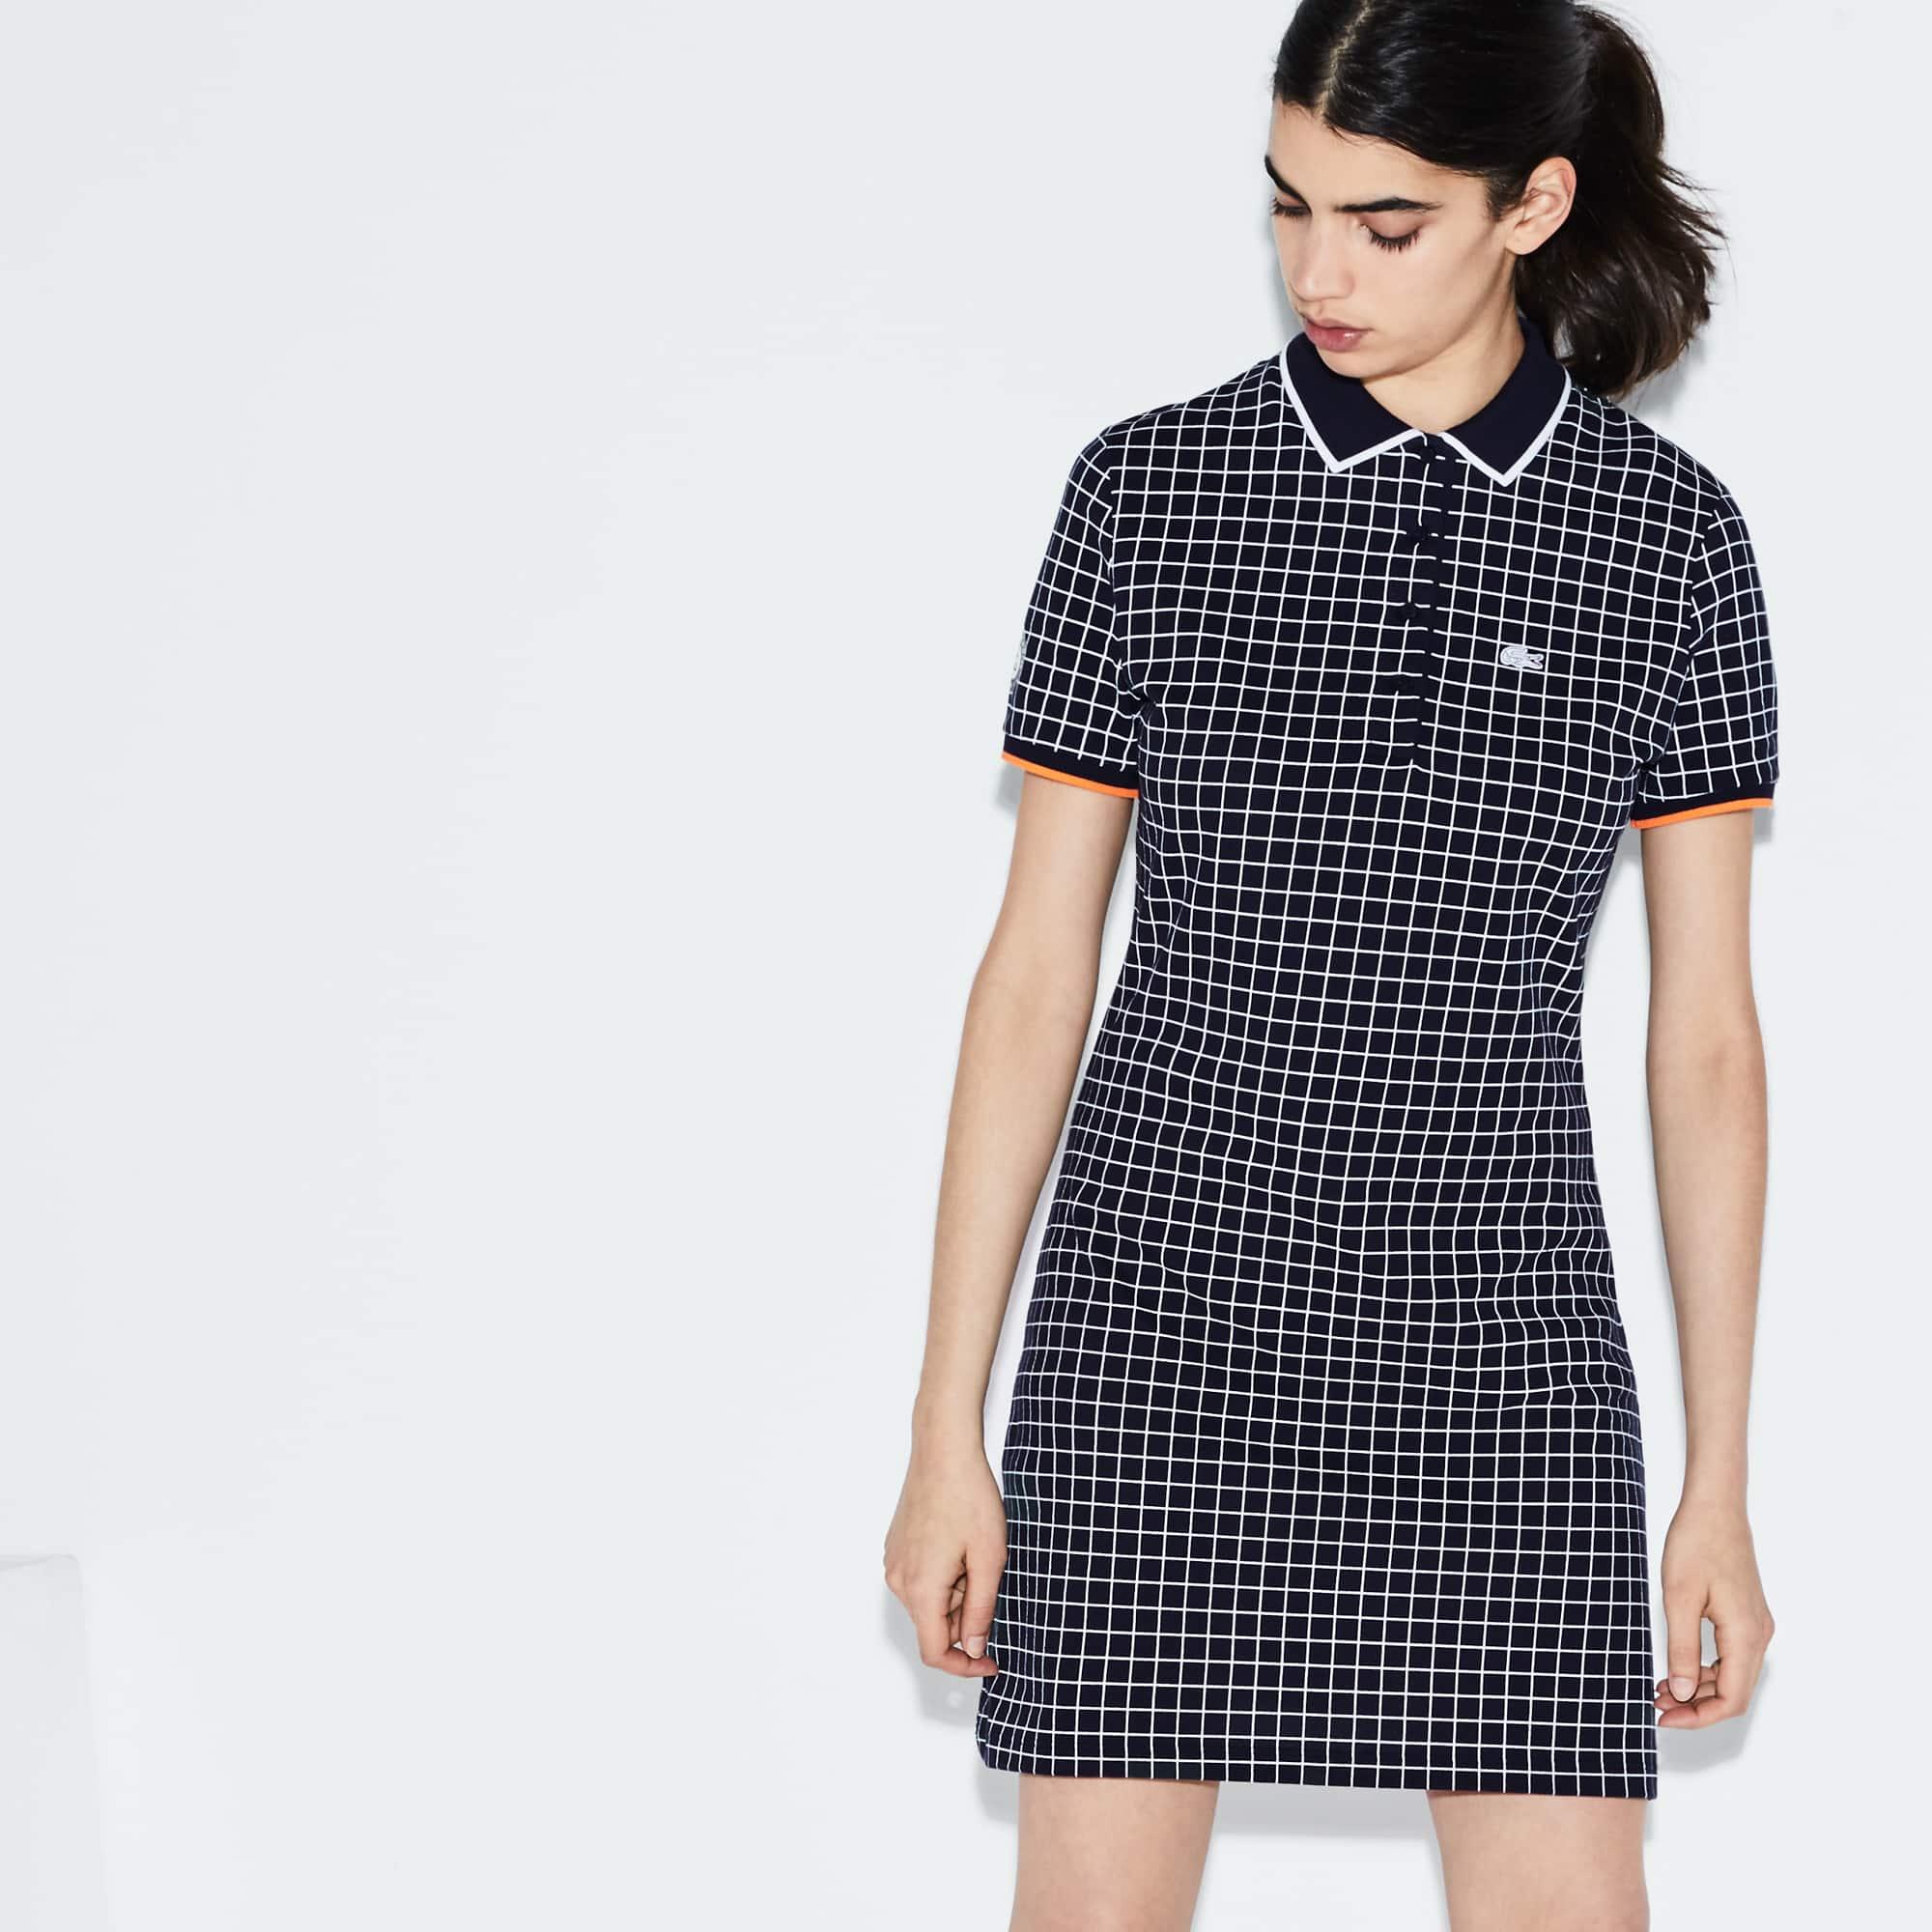 Women's Lacoste SPORT Roland Garros Edition Print Mini Piqué Polo Dress